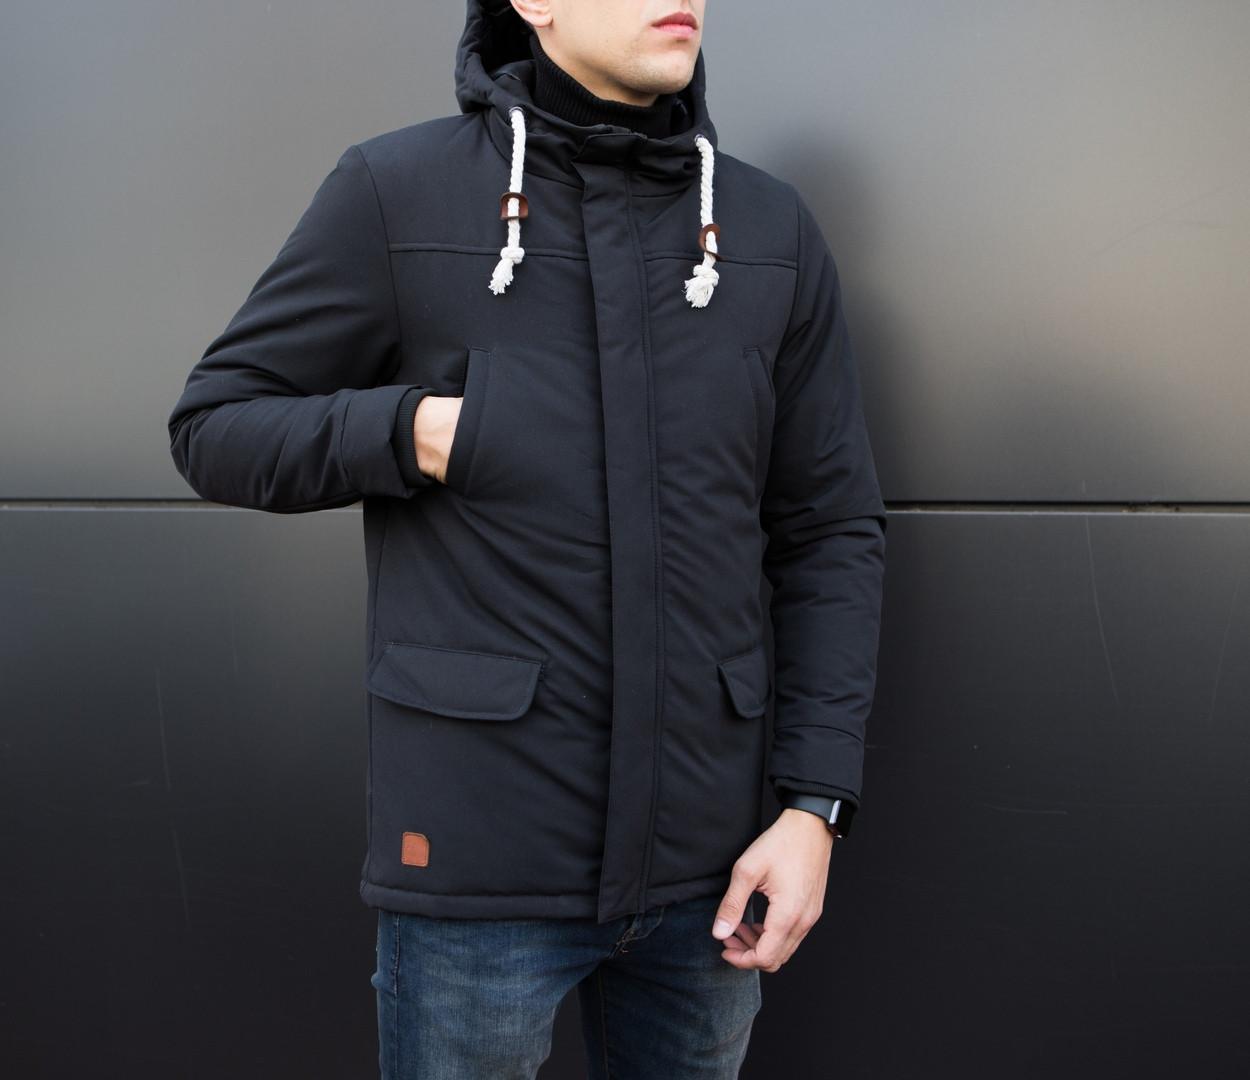 Куртка Парка Pobedov Winter Parka Elit V2 Black (зима)  продажа ... 059470f91b7e1